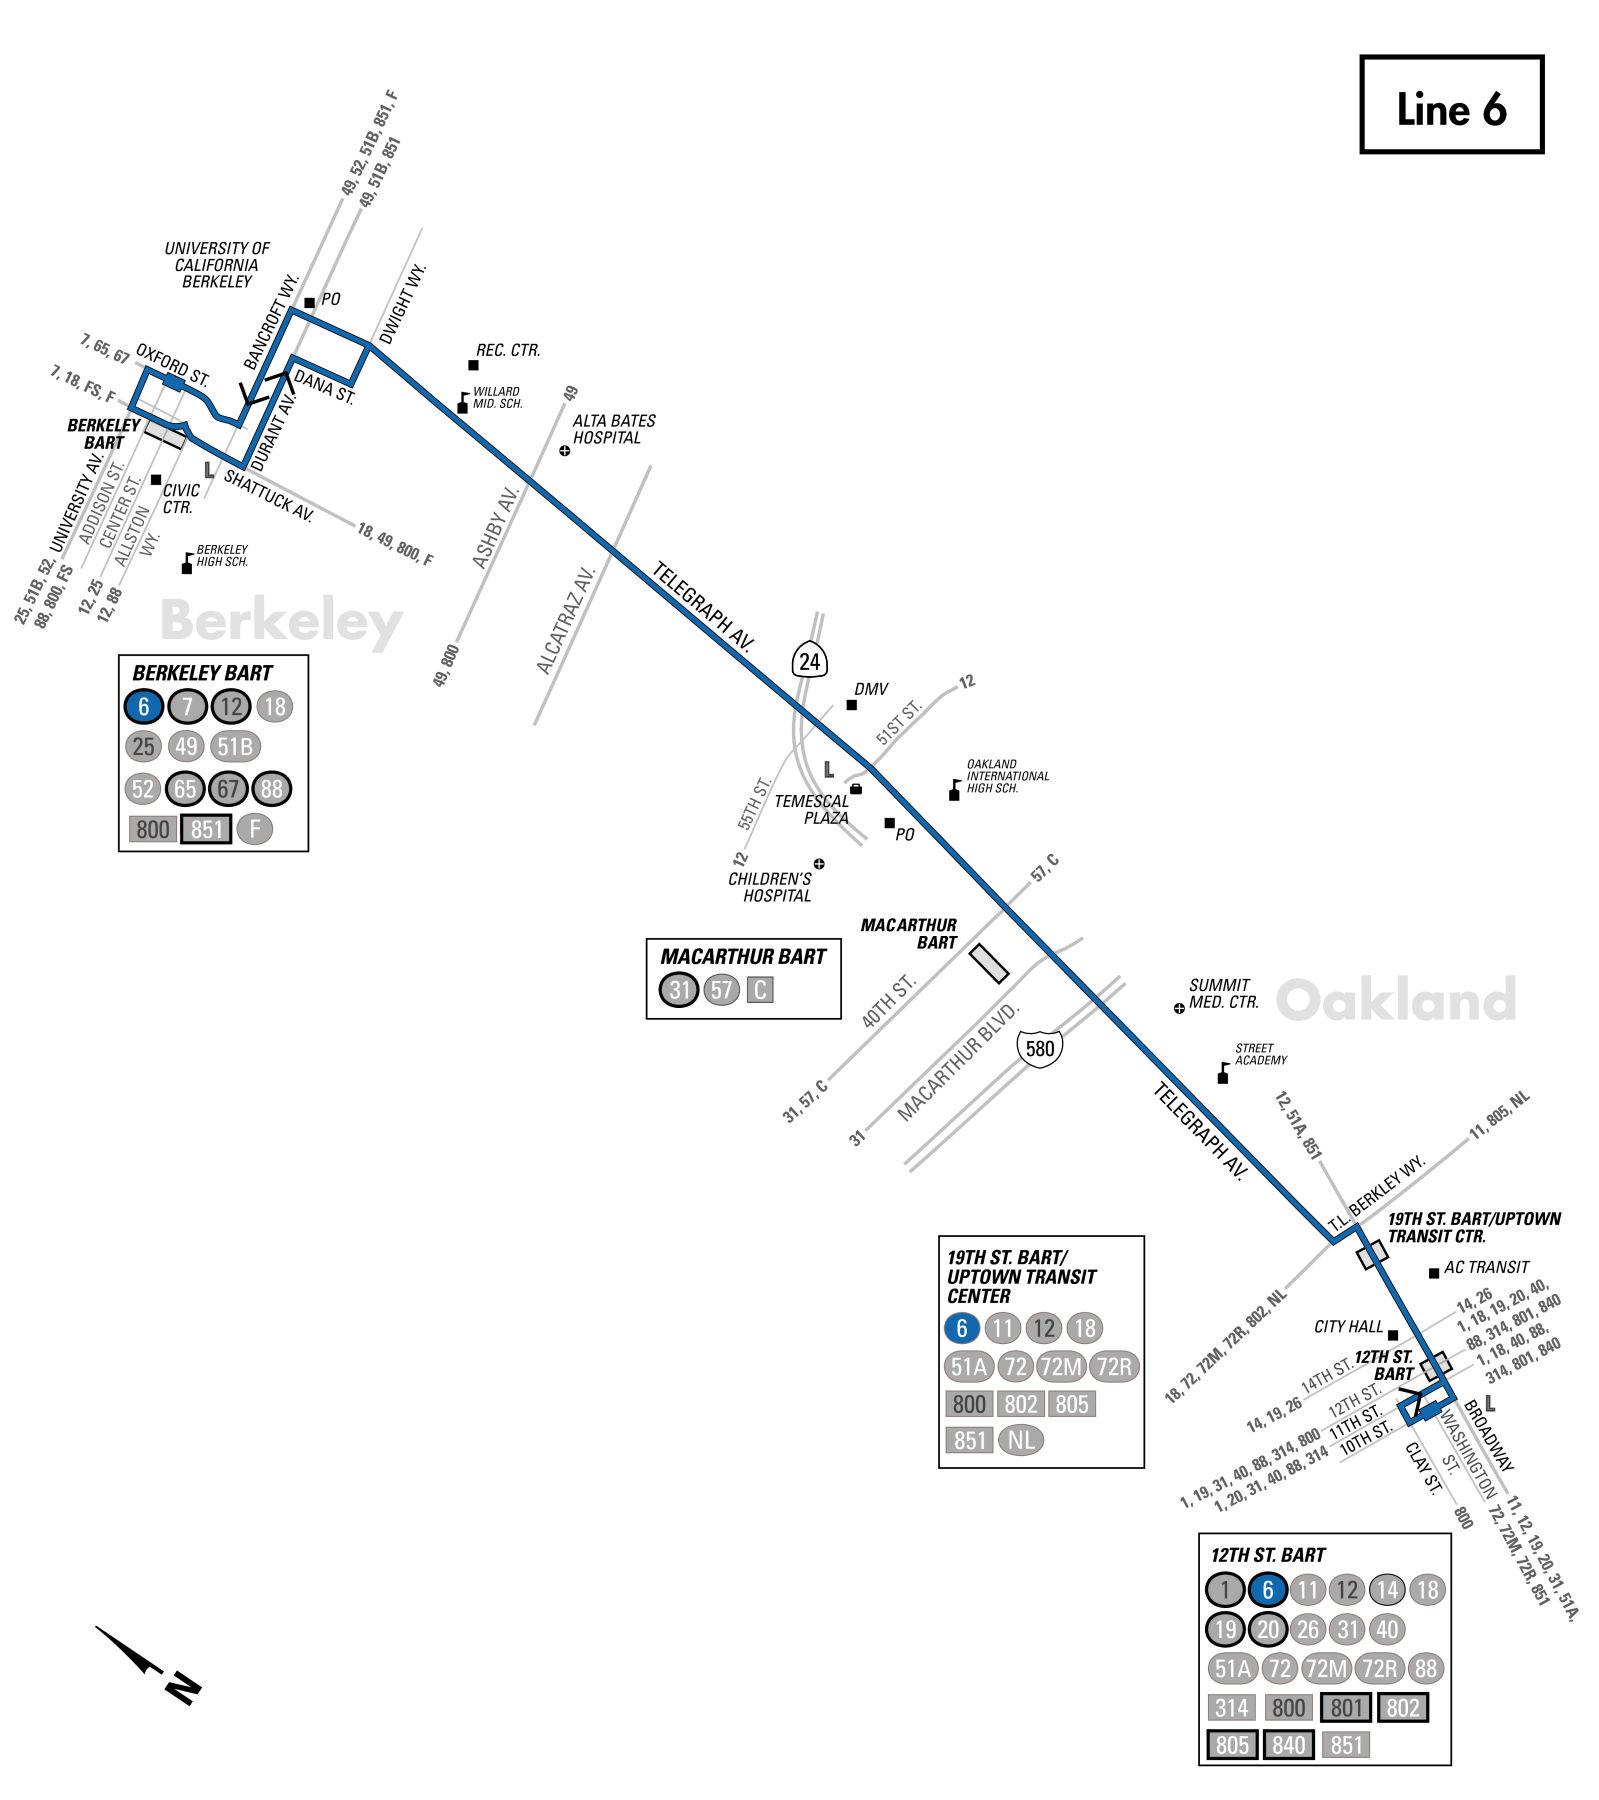 6 bus route - ac transit - sf bay transit